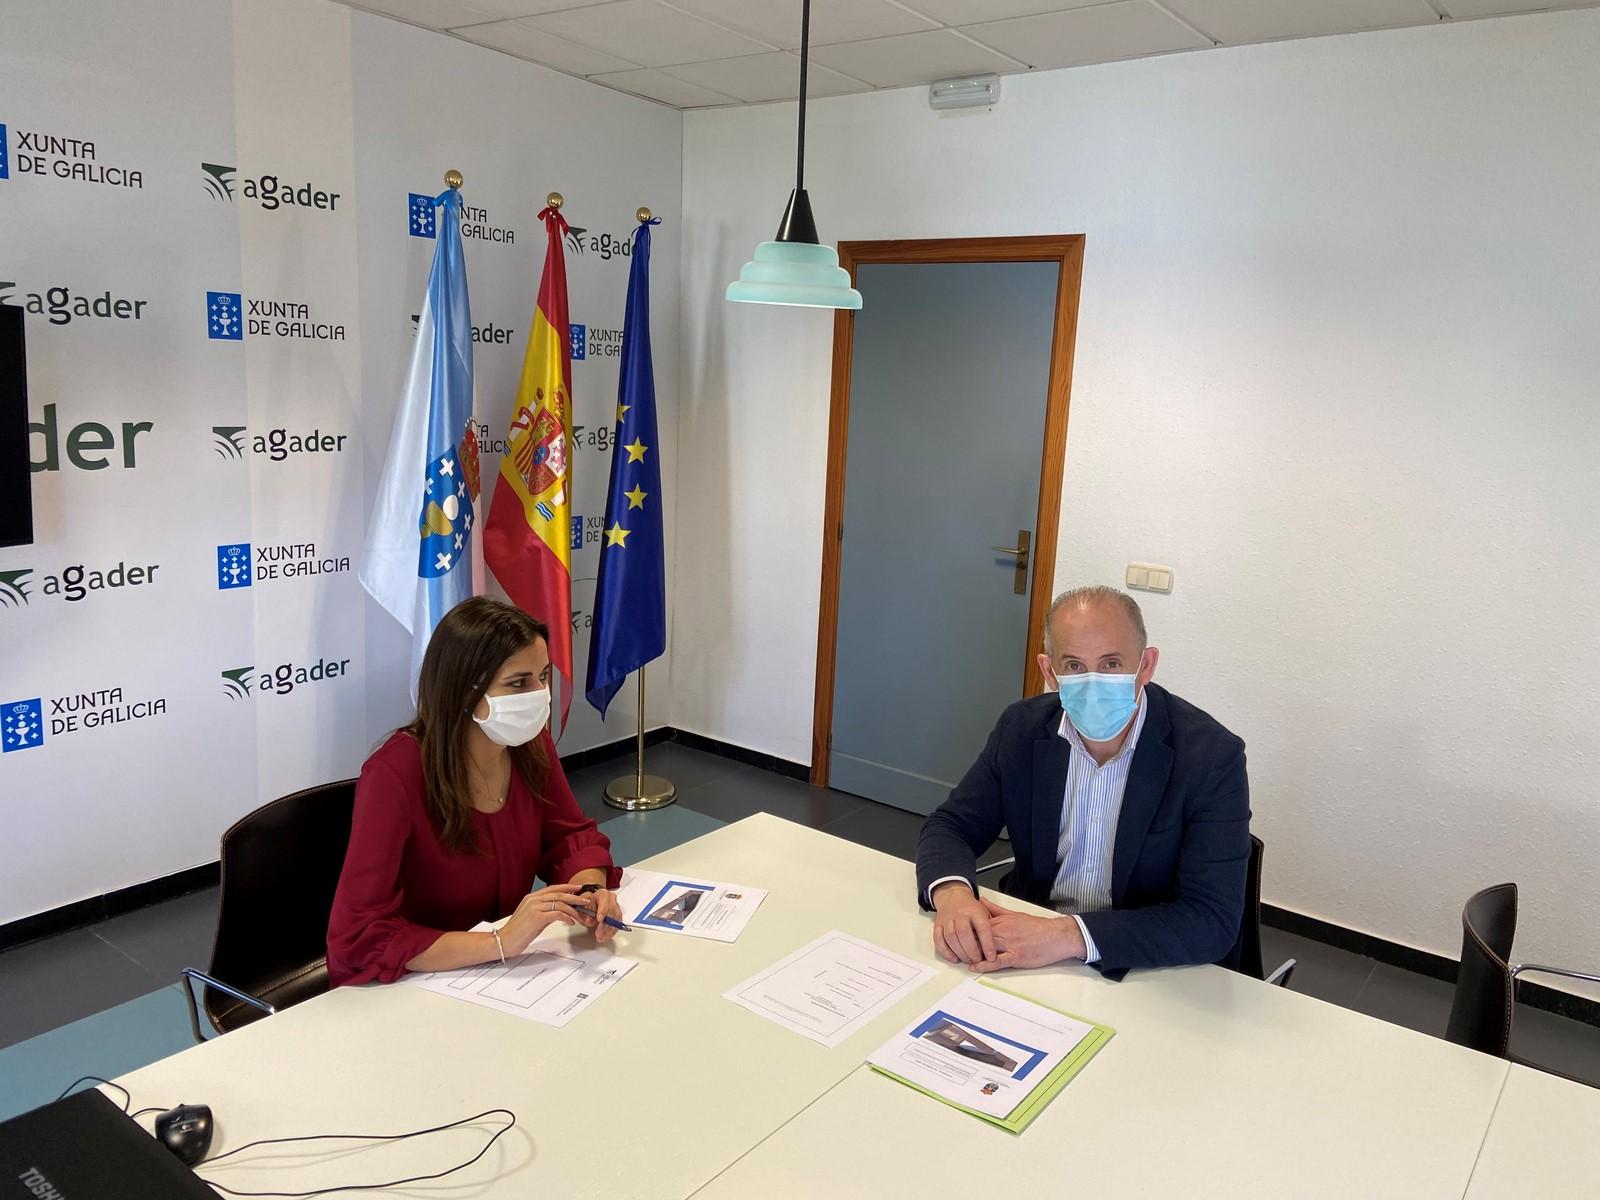 La Xunta apoyará con 37.000 euros la creación del Museo de la Patata en Coristanco